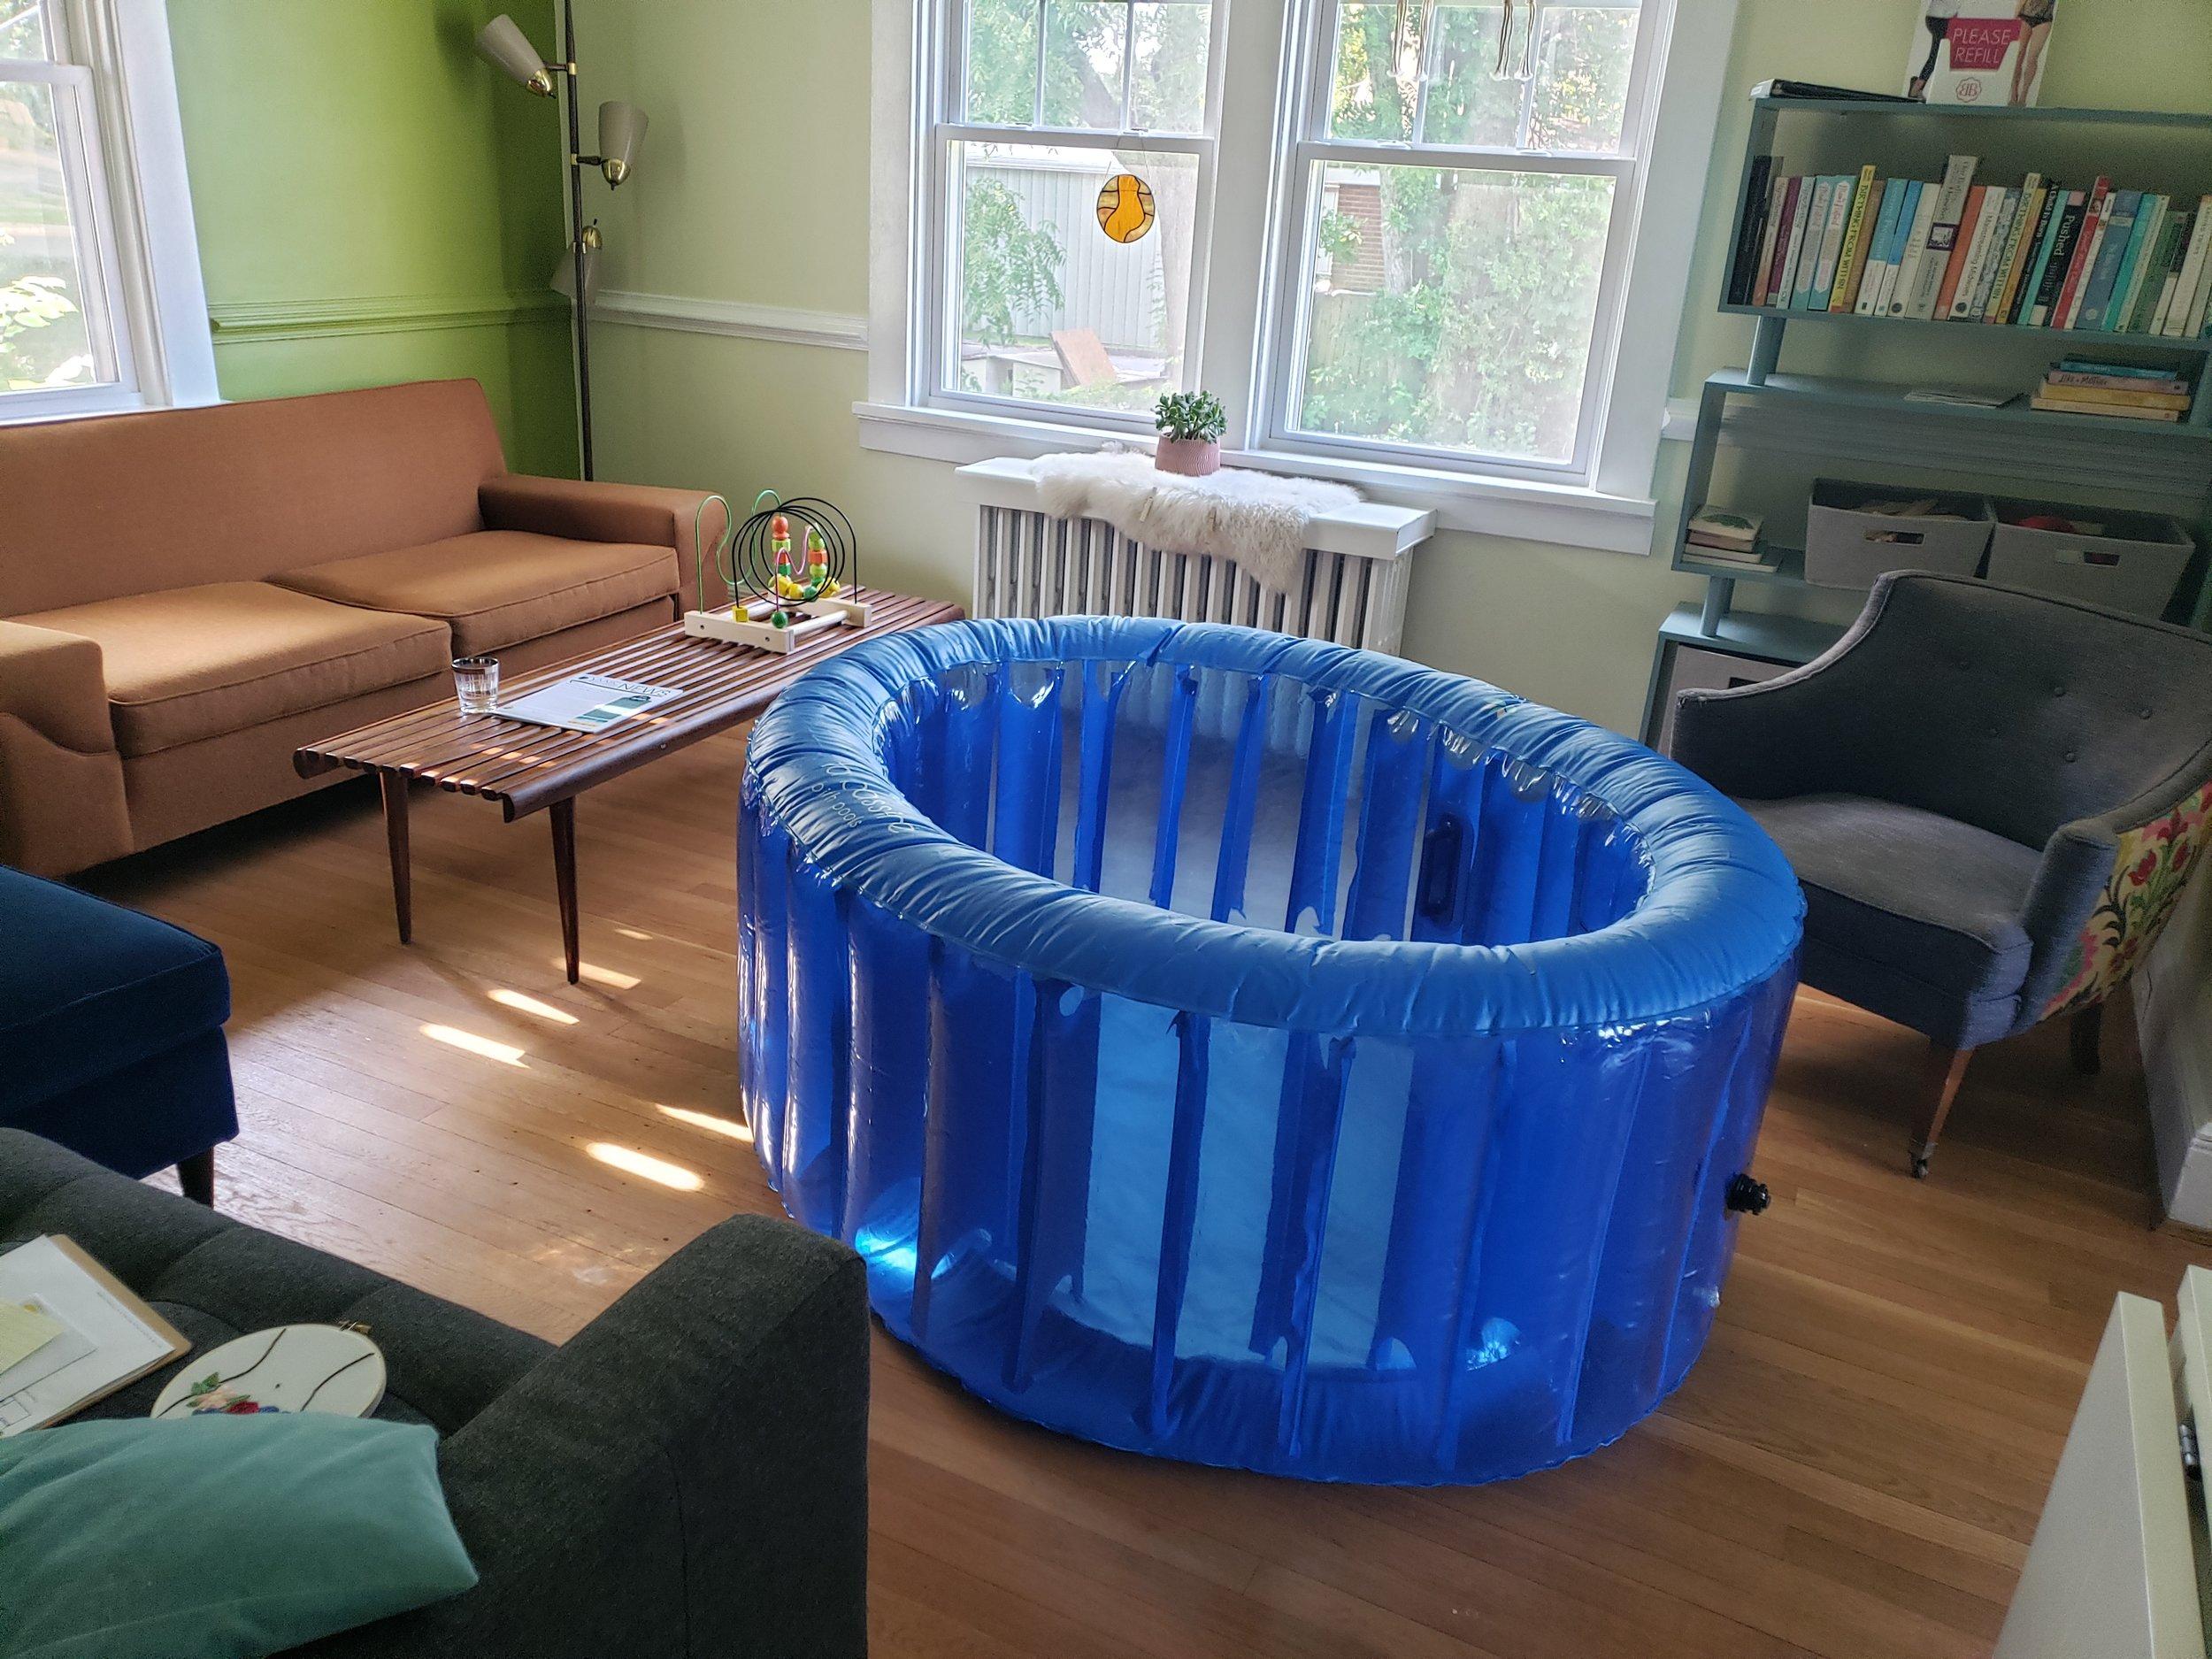 la bassine.jpg